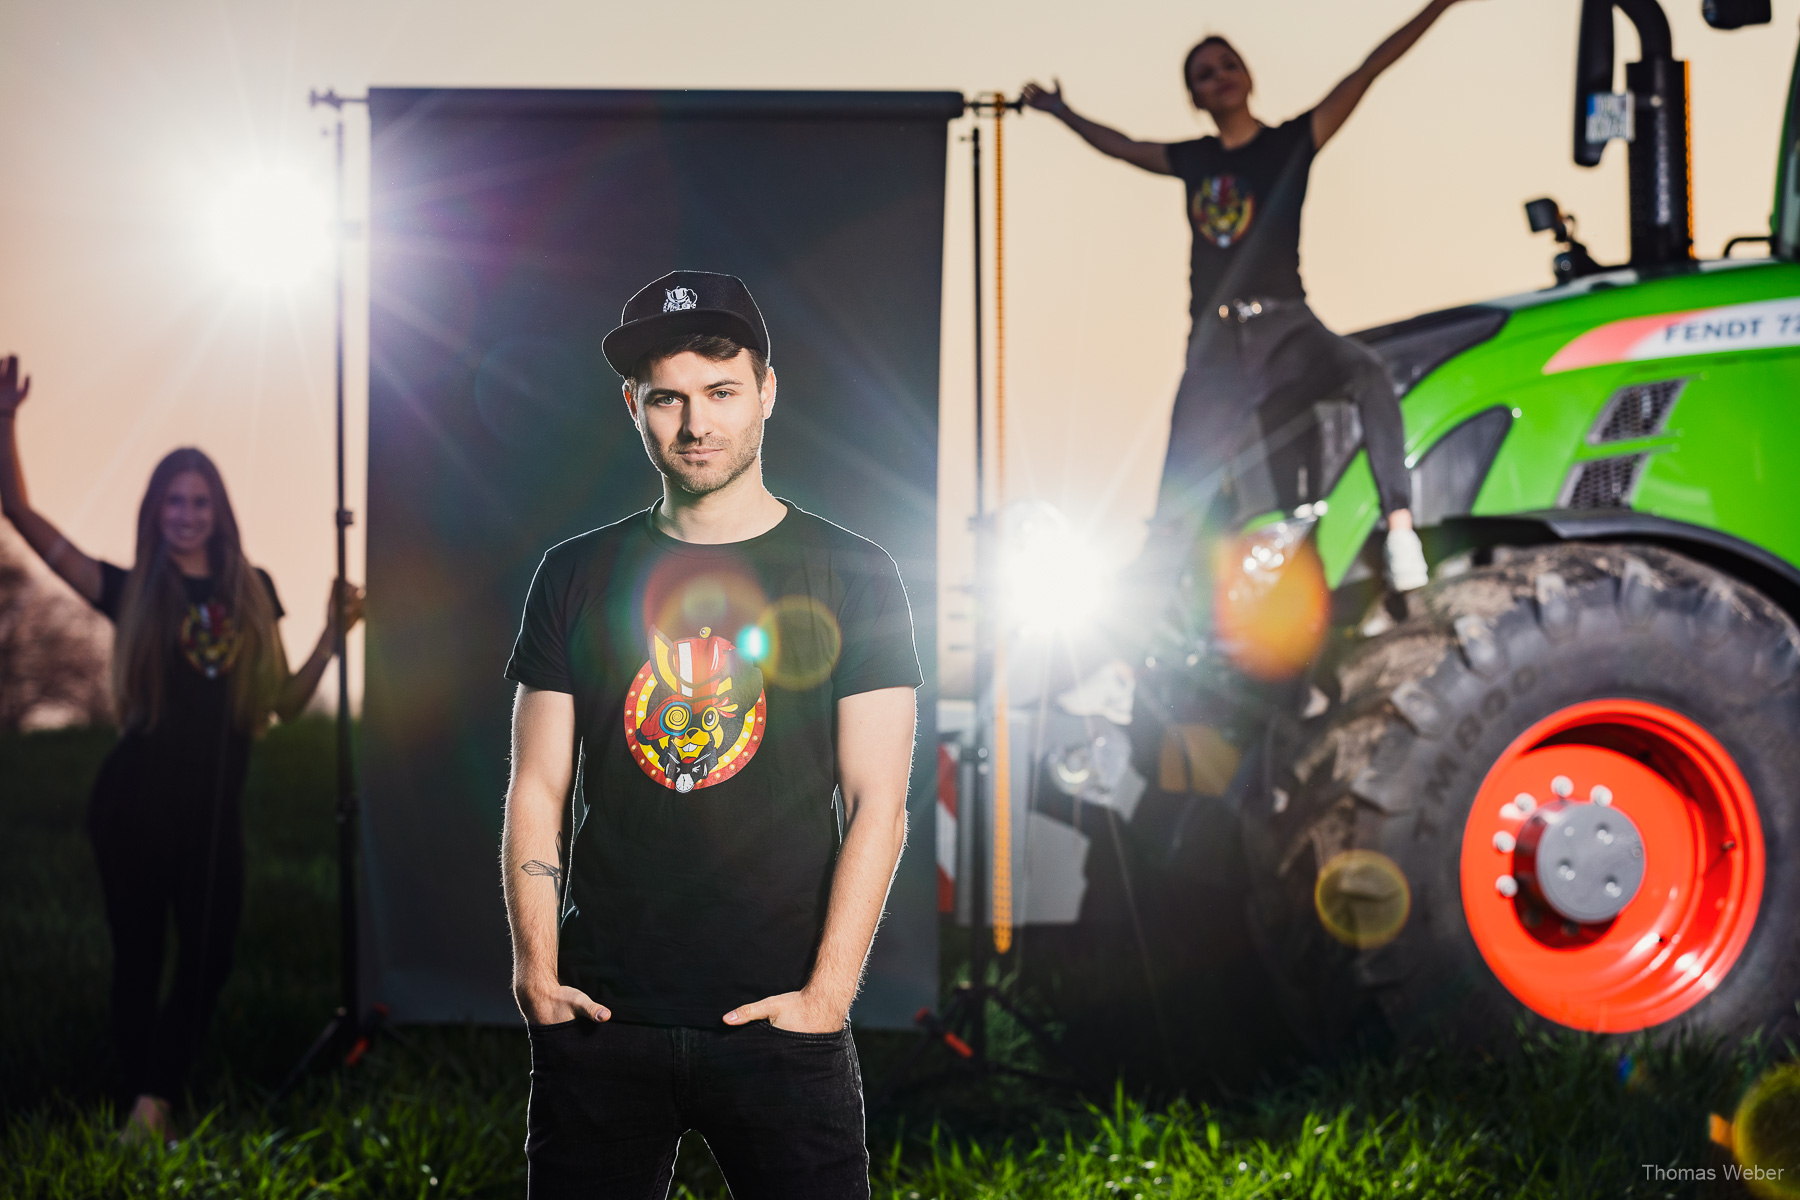 Fotoshooting für das Merchandise des TabulaRaaza Musikfestival in Wiemerslande, Fotograf Thomas Weber aus Oldenburg